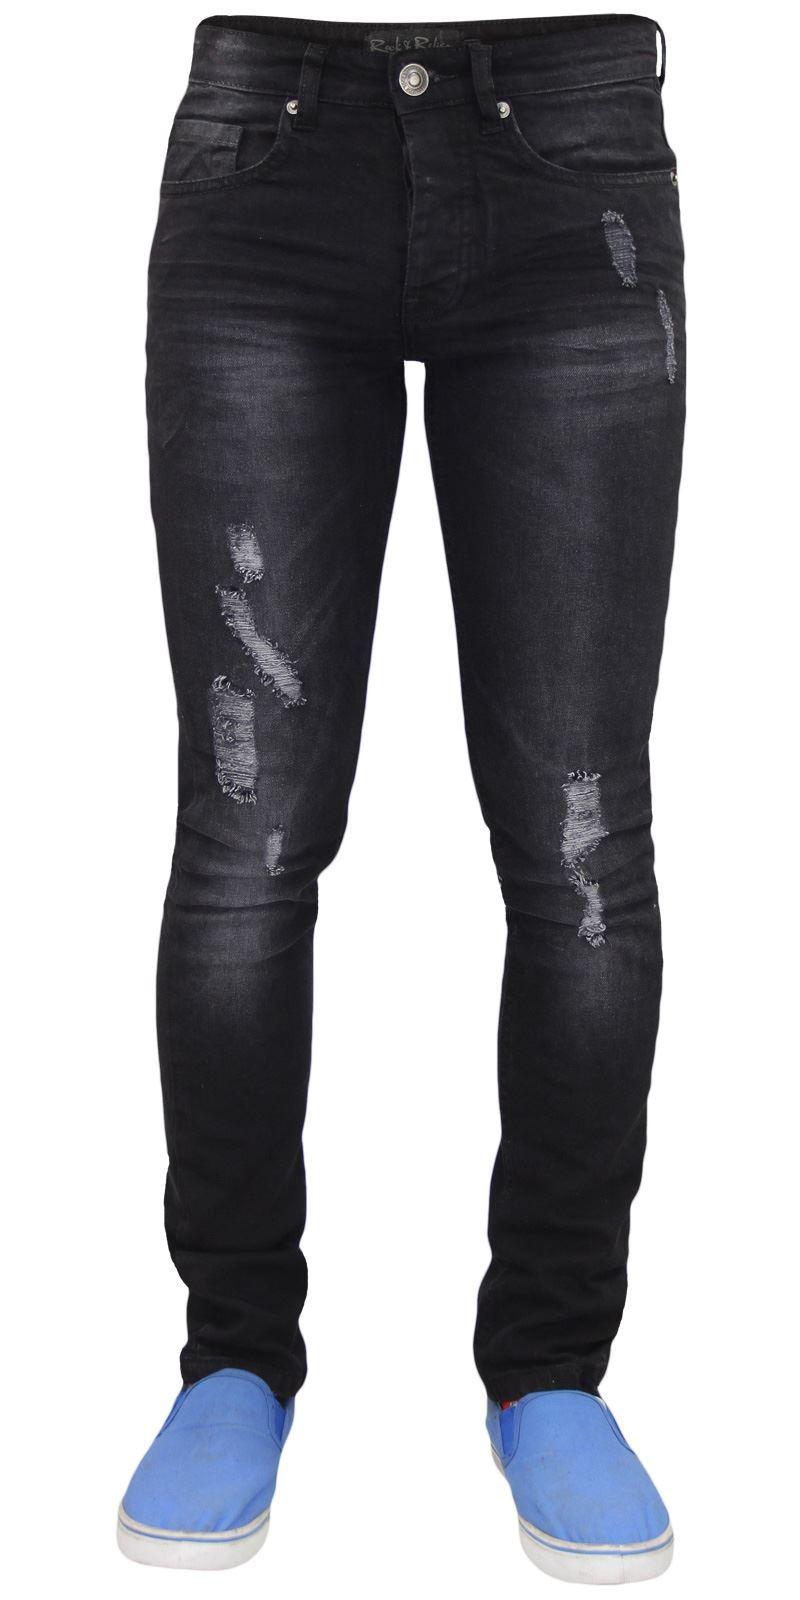 Jeans da Uomo Adres SLIM Ripped Knee Stretch Denim Nero Biker Jeans Taglia 30W